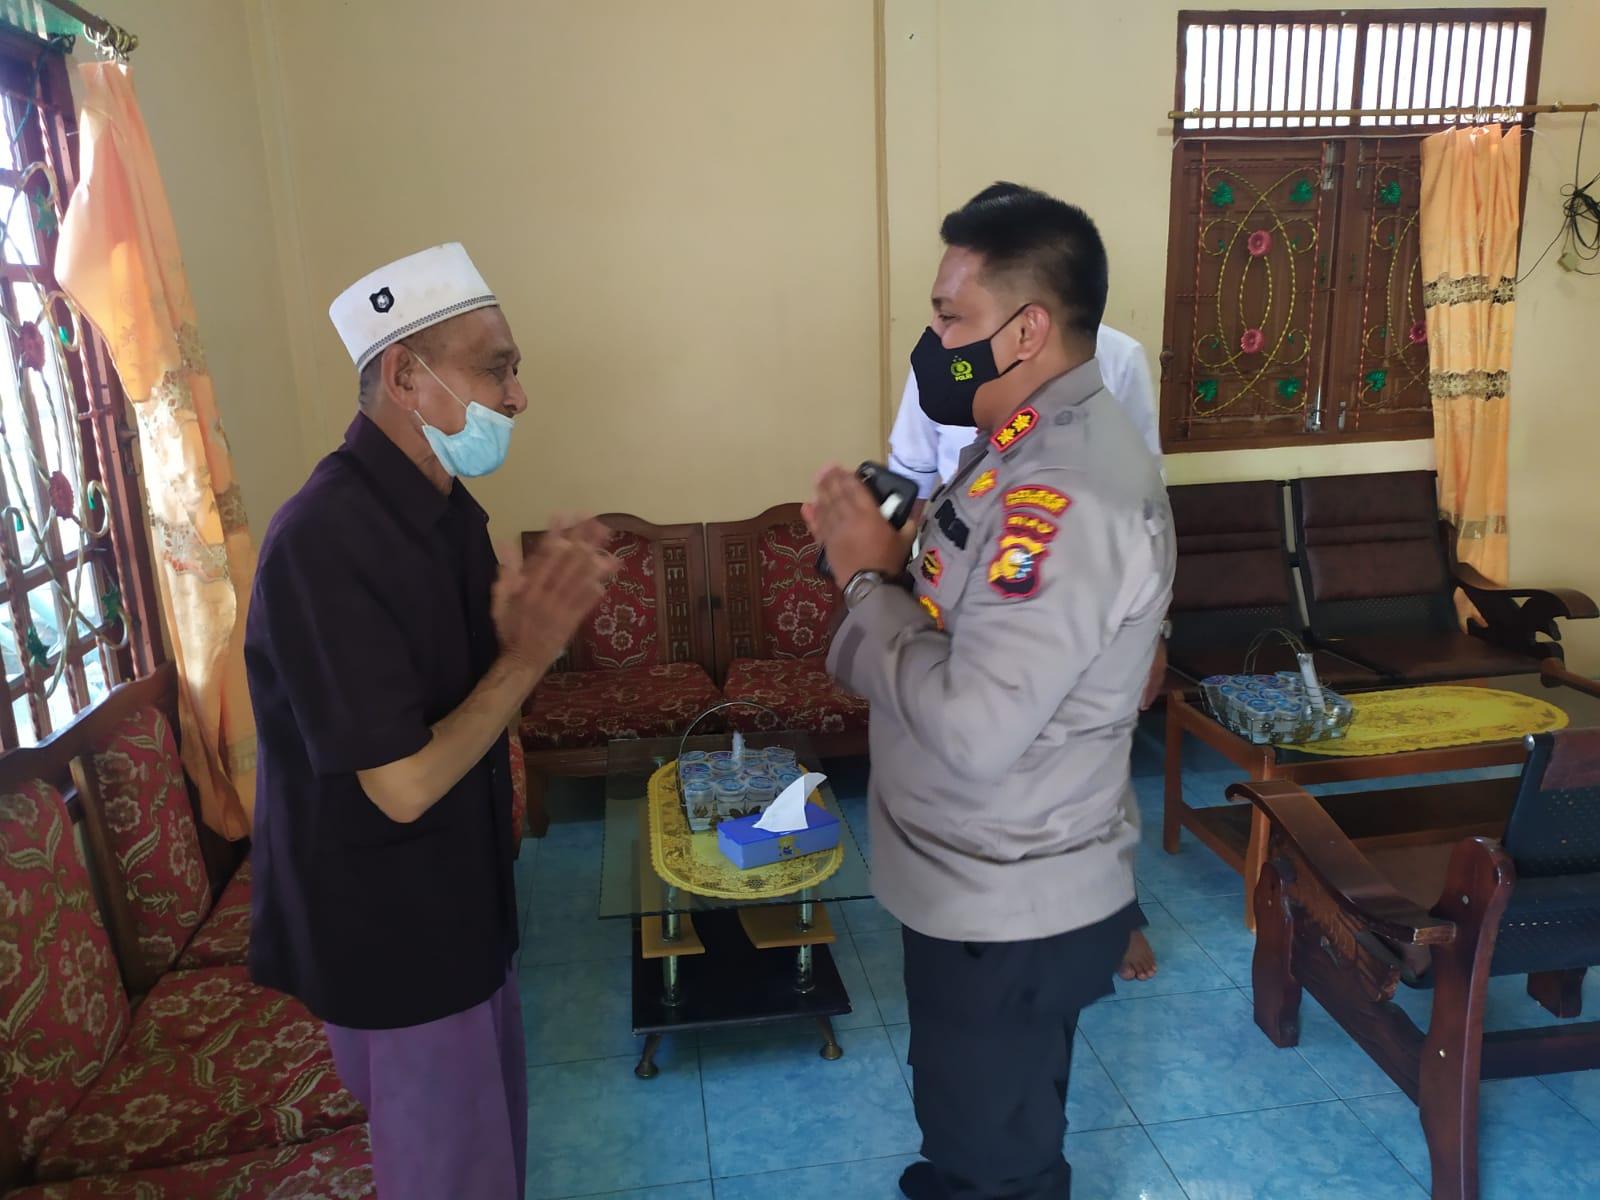 Foto Kapolres Kepulauan Meranti AKBP Andi Yul L.T.G SH., SIK., MH saat bersilaturahmi ke kediaman Ketua Paguyuban Ikatan Jawa Riau (IKJR).